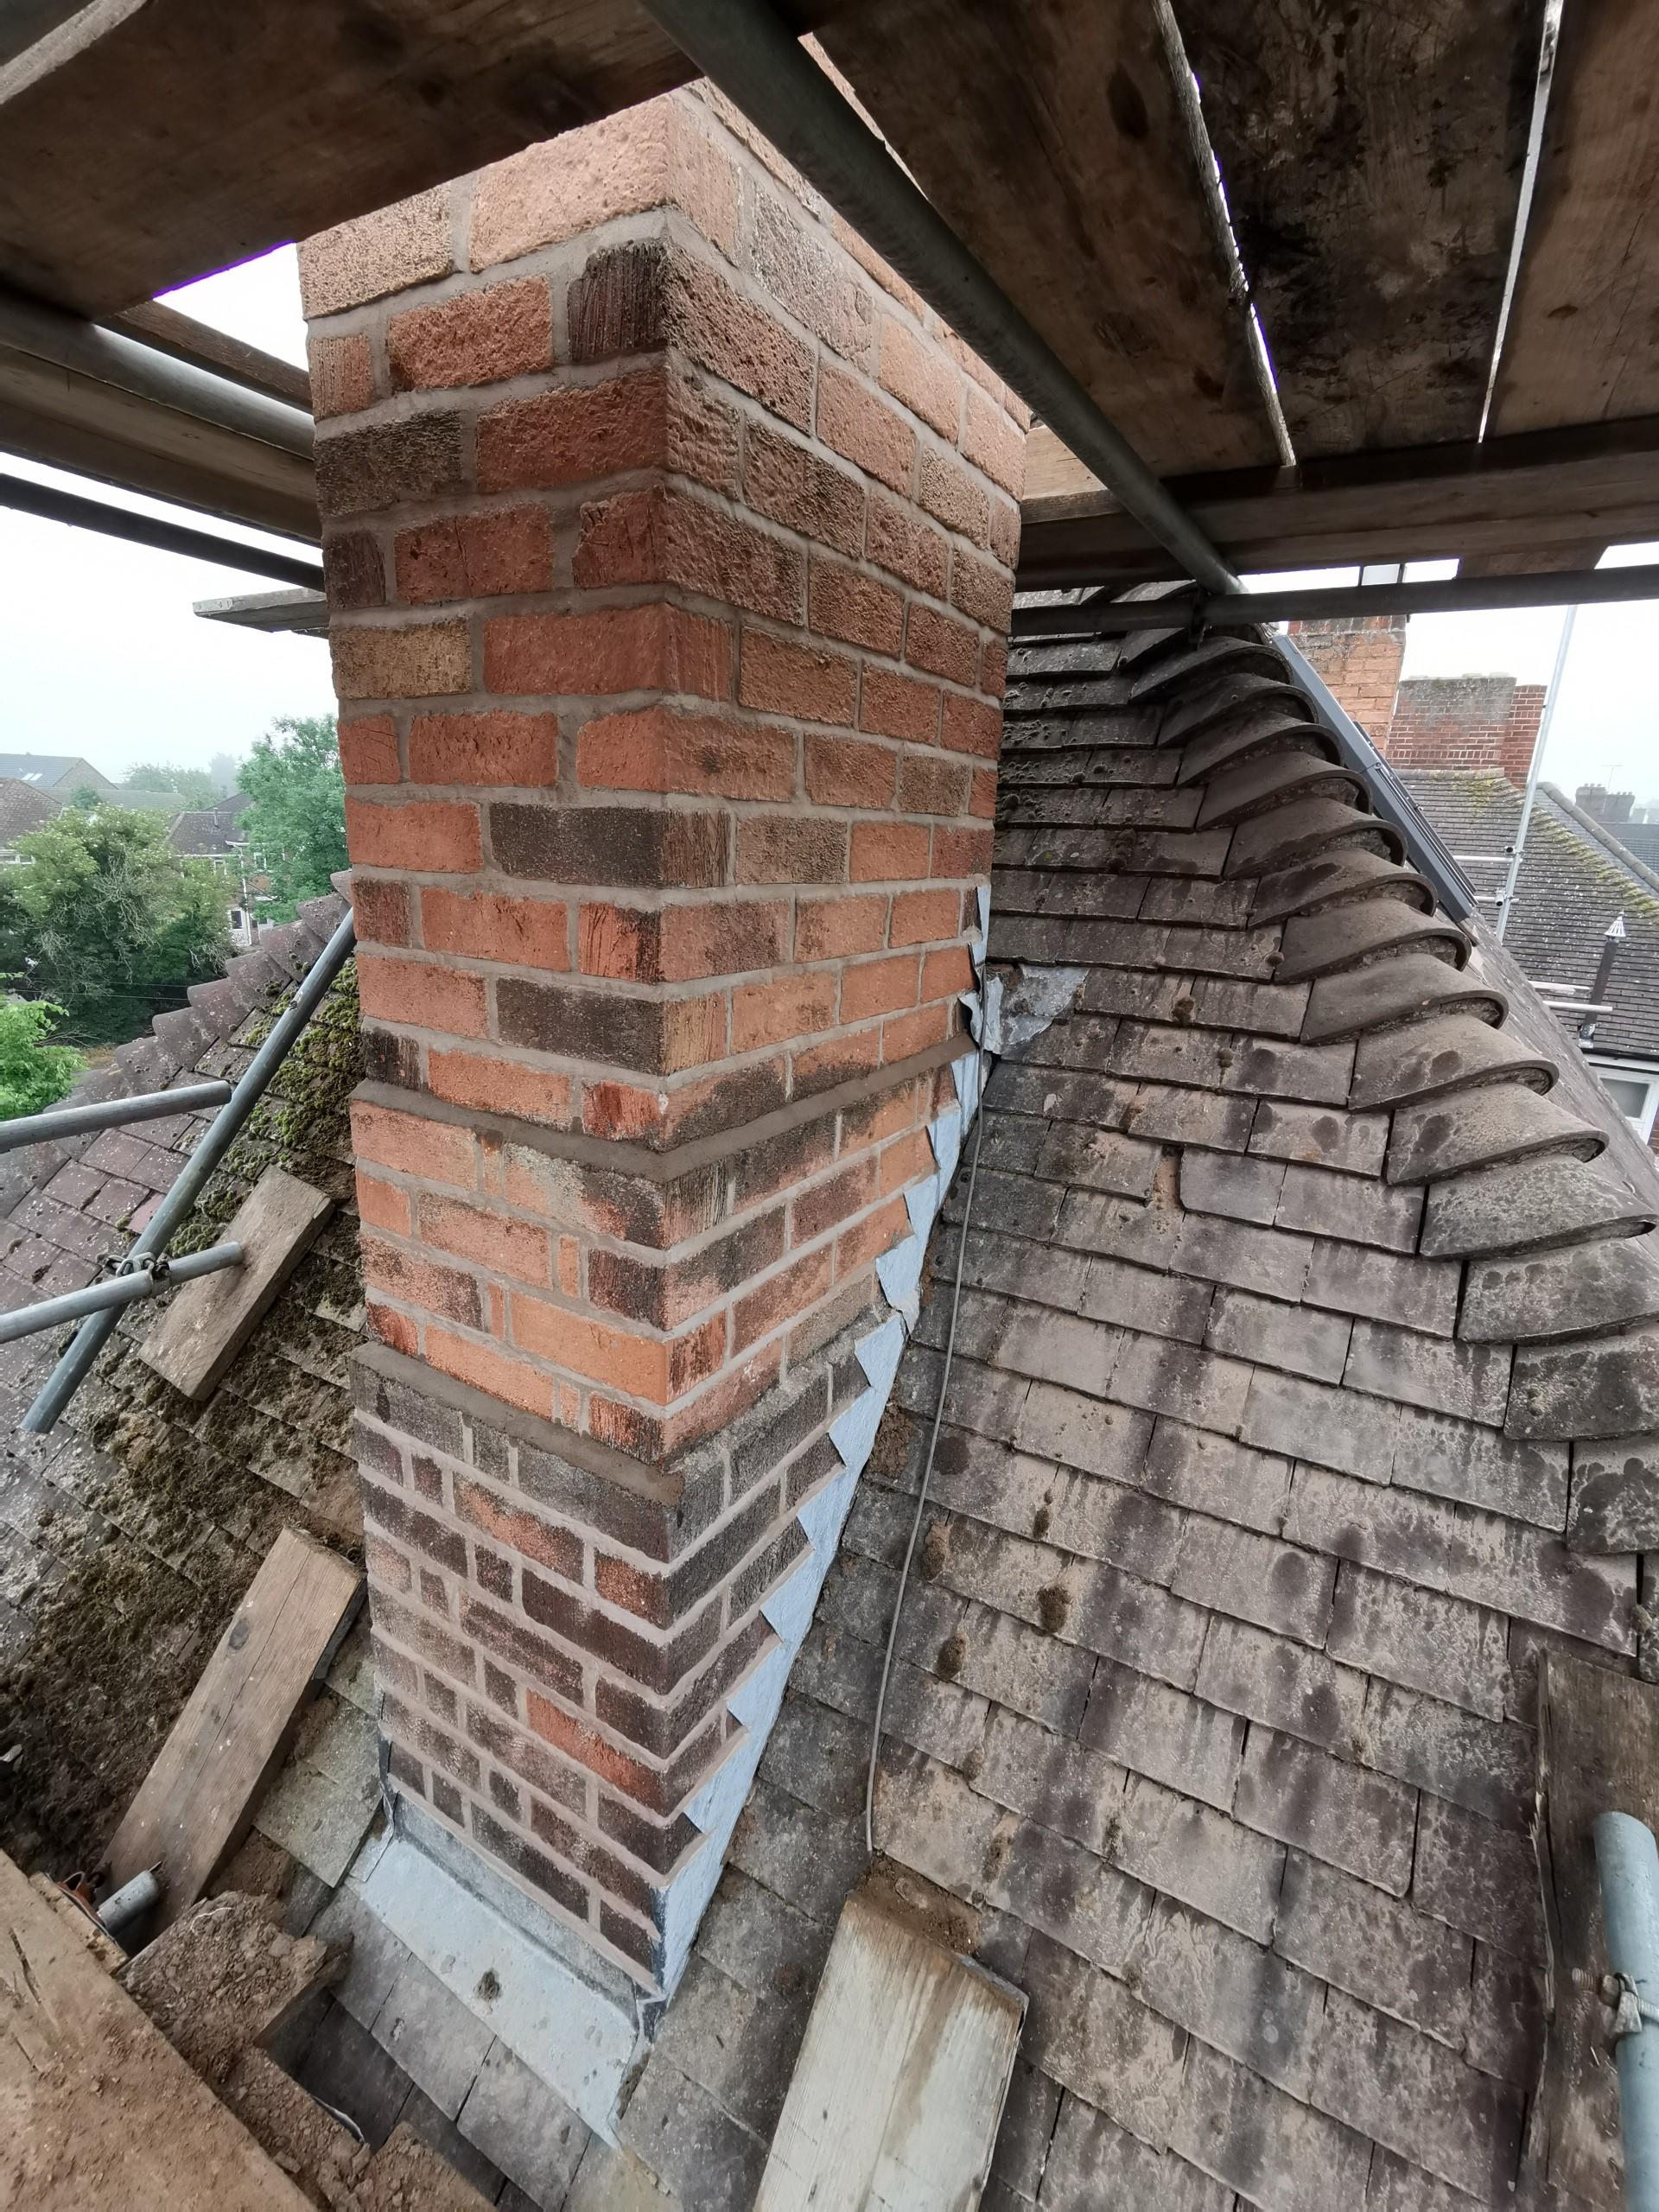 Professional set up for Chimney restoration